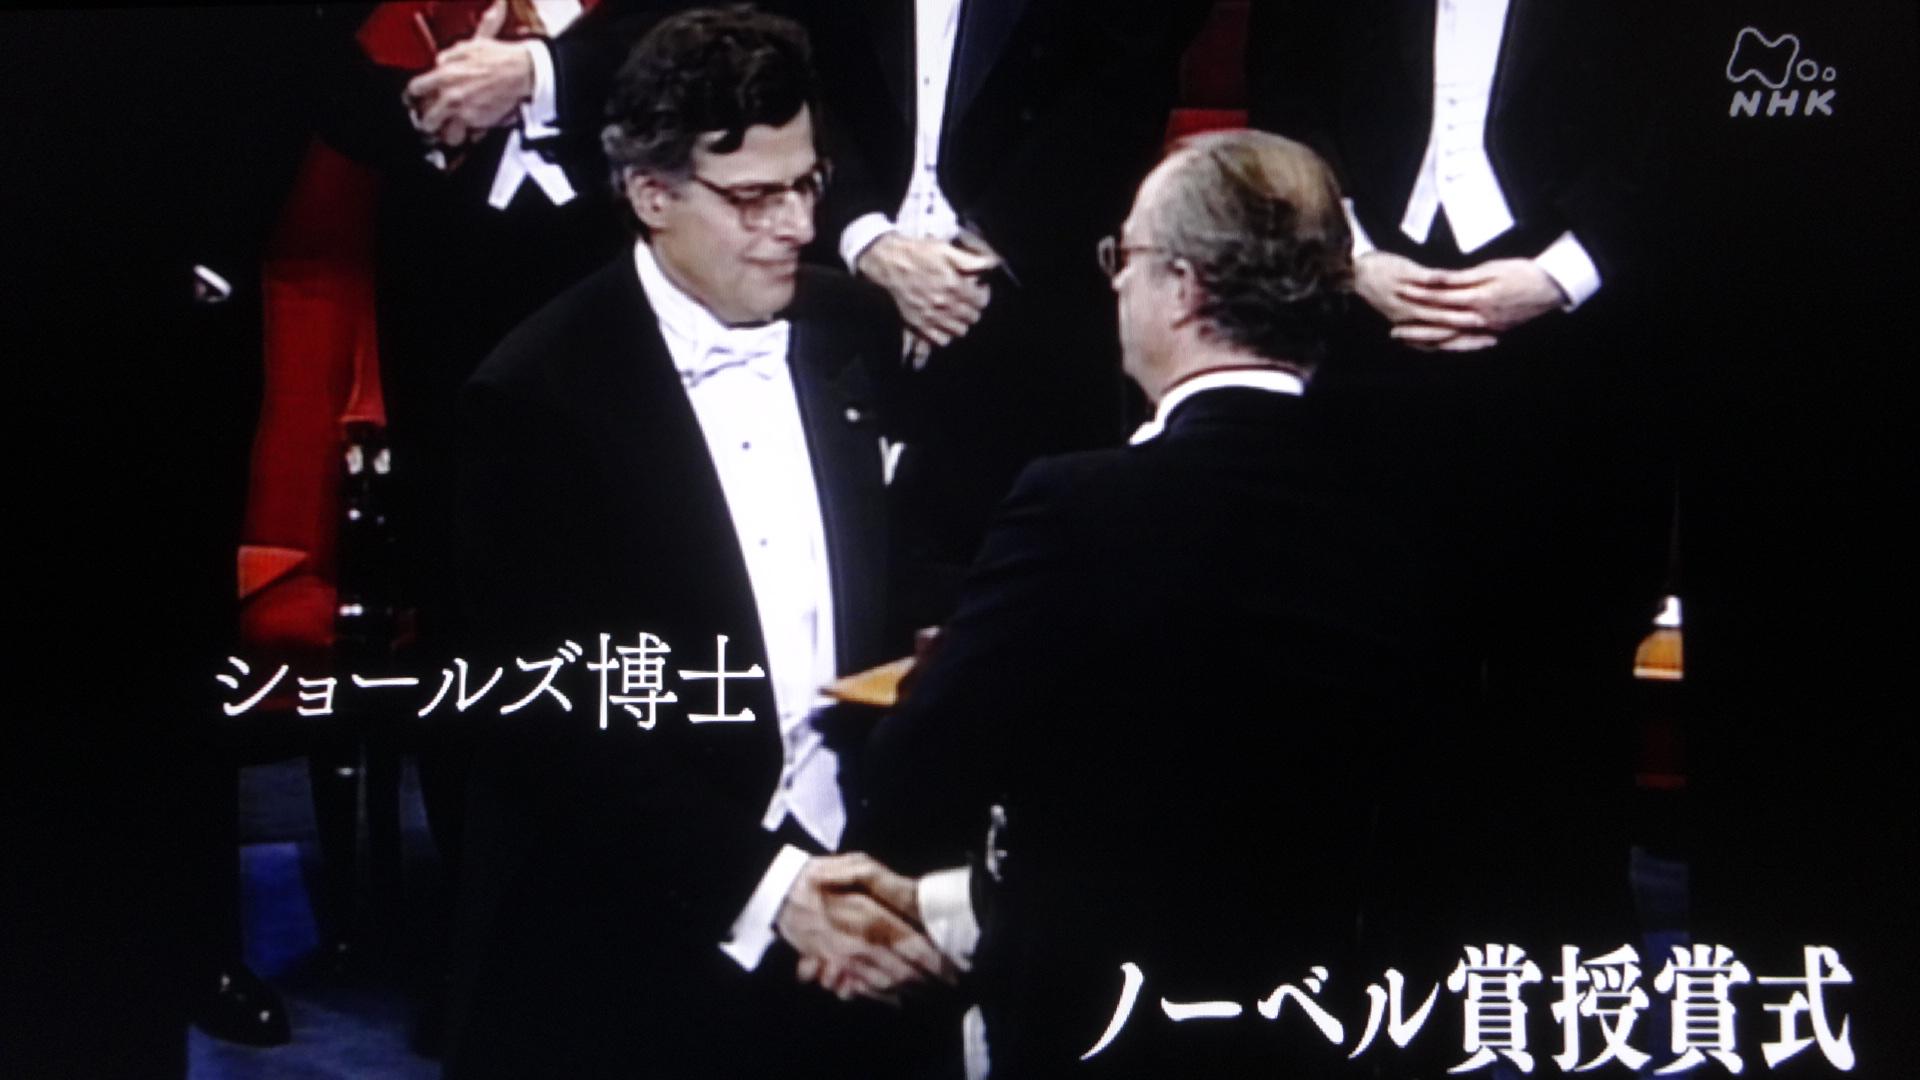 ノーベル経済学賞を受賞するジョールズ博士